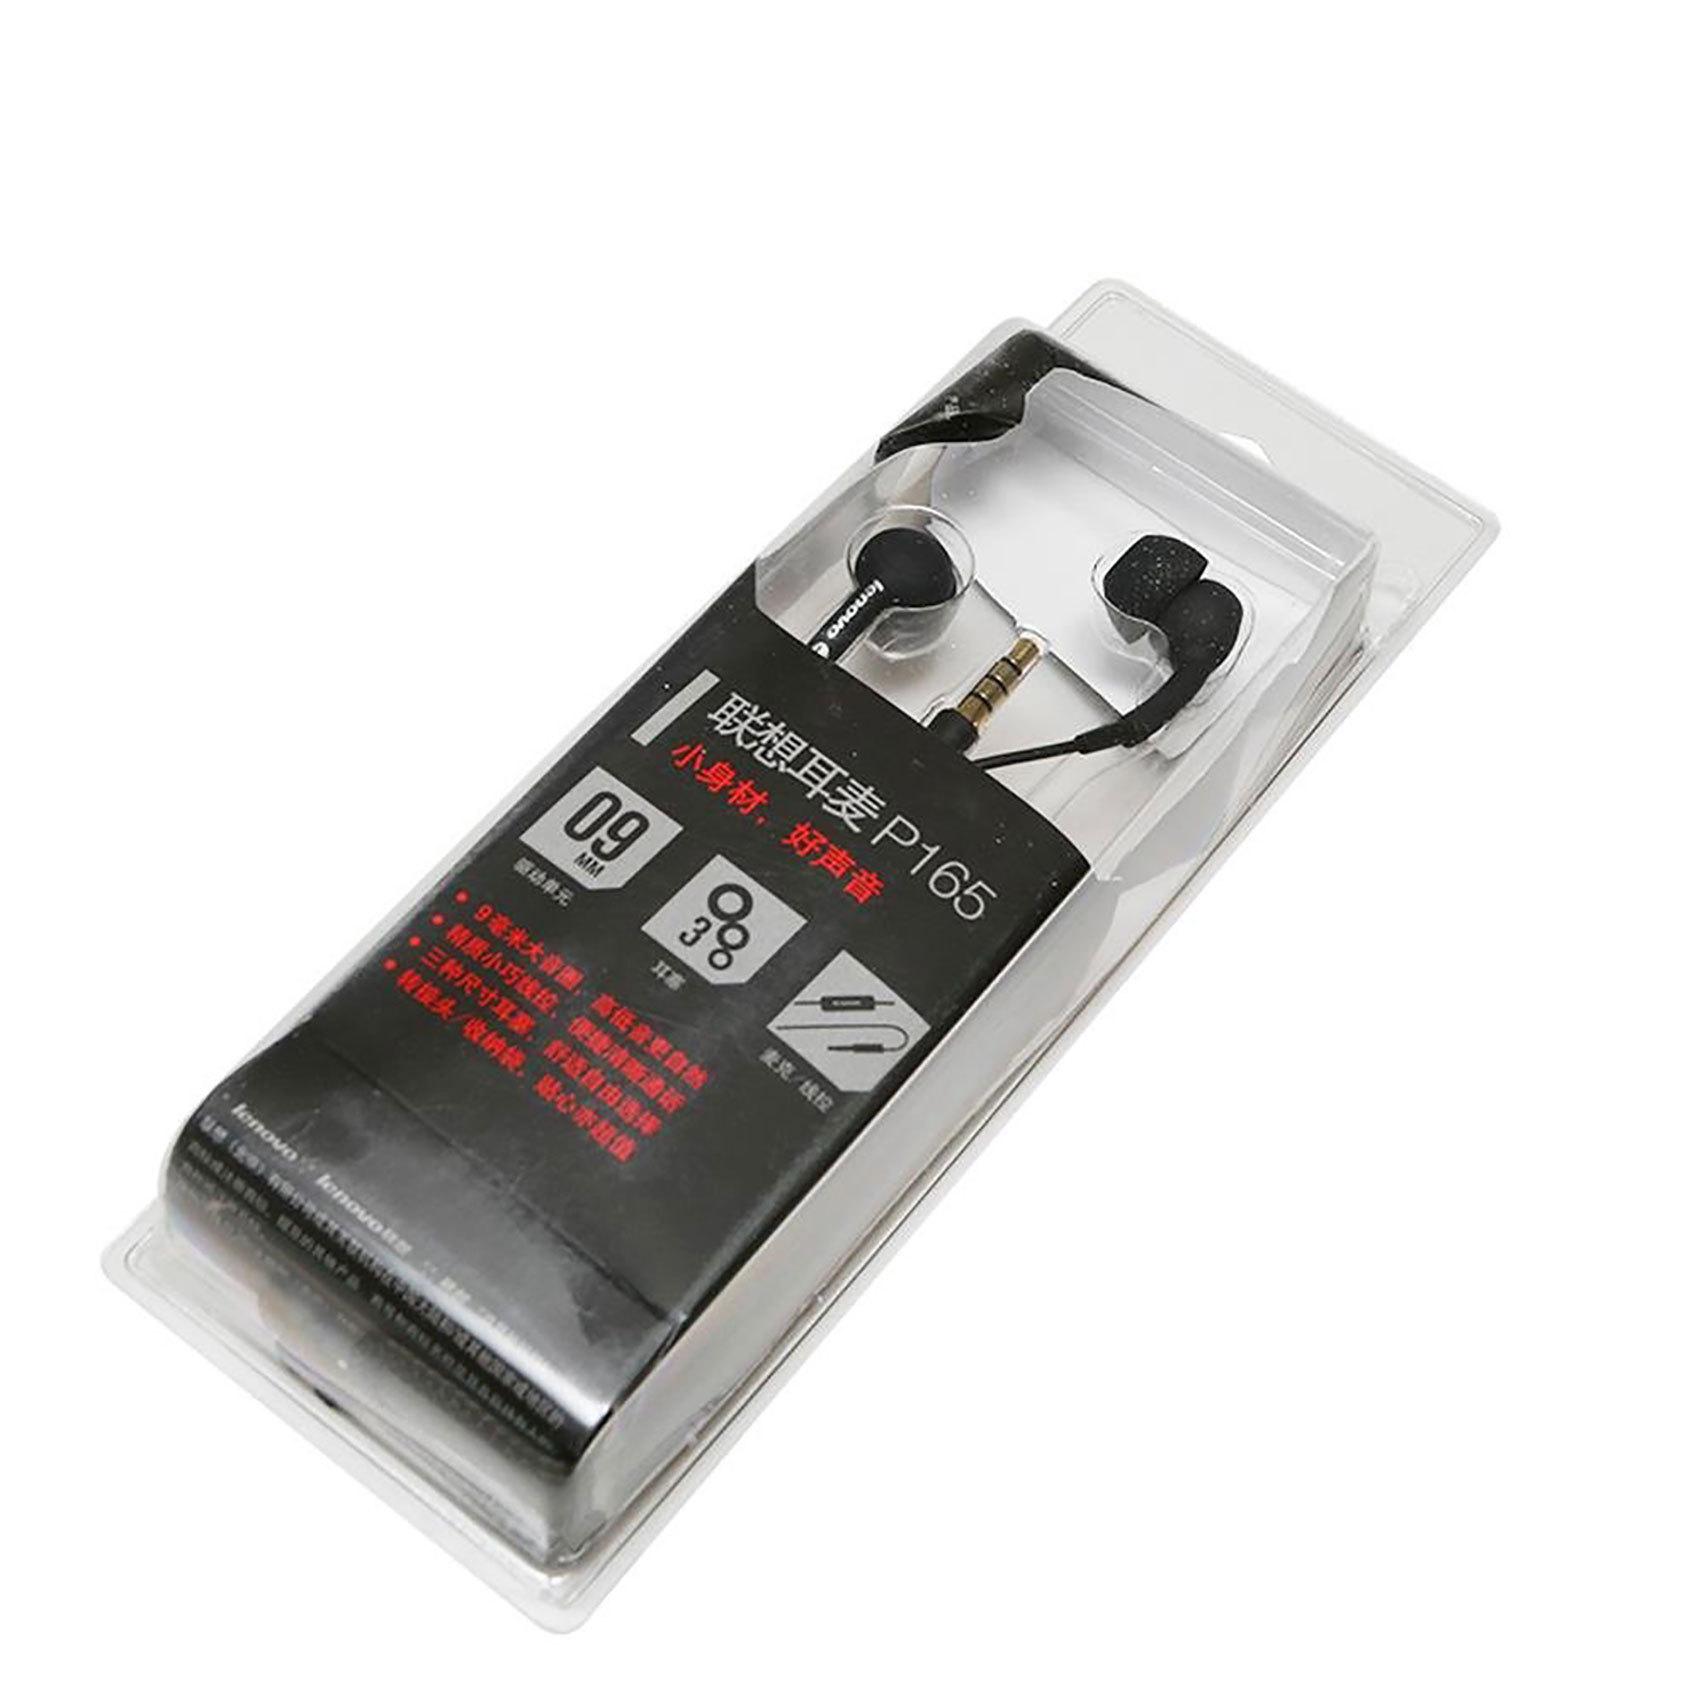 LENOVO H/S EAR P165 BLACK